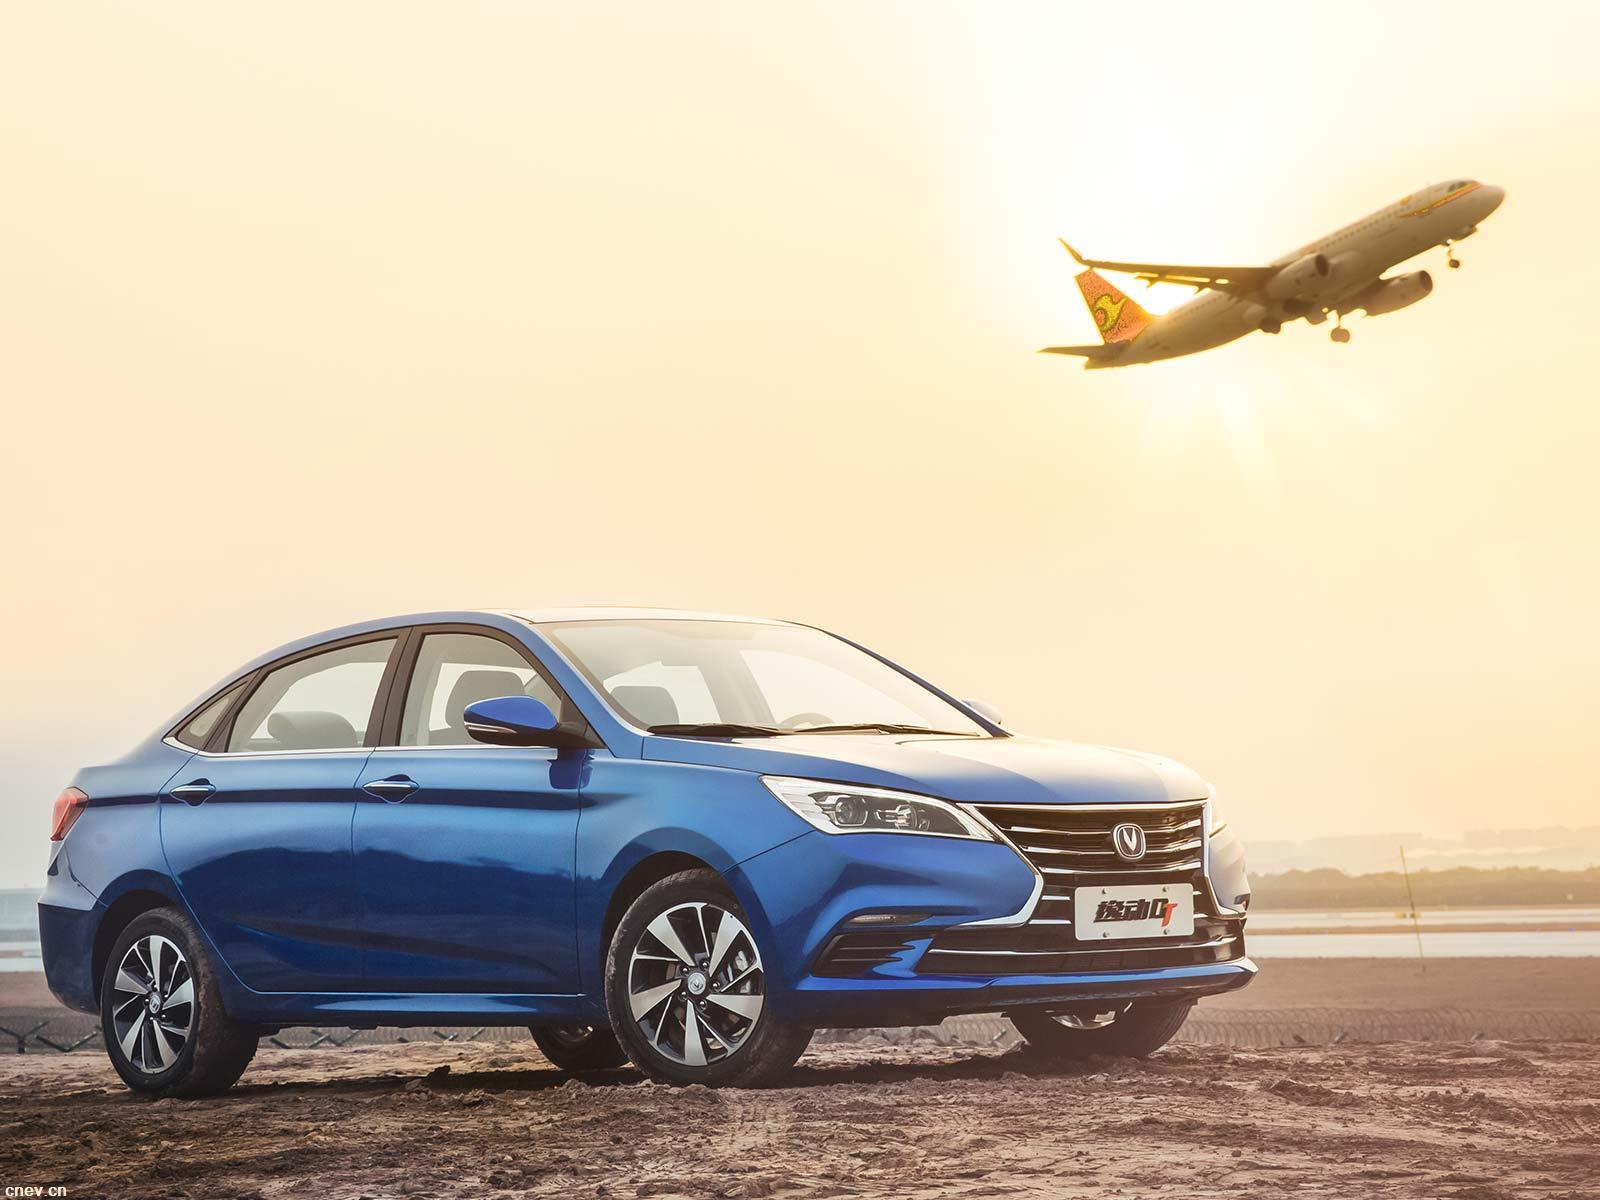 26日EV早报:FF与九城将在华投产全新电动车型V9;长安汽车、腾讯等合作,97.6亿投资新能源汽车共享出行